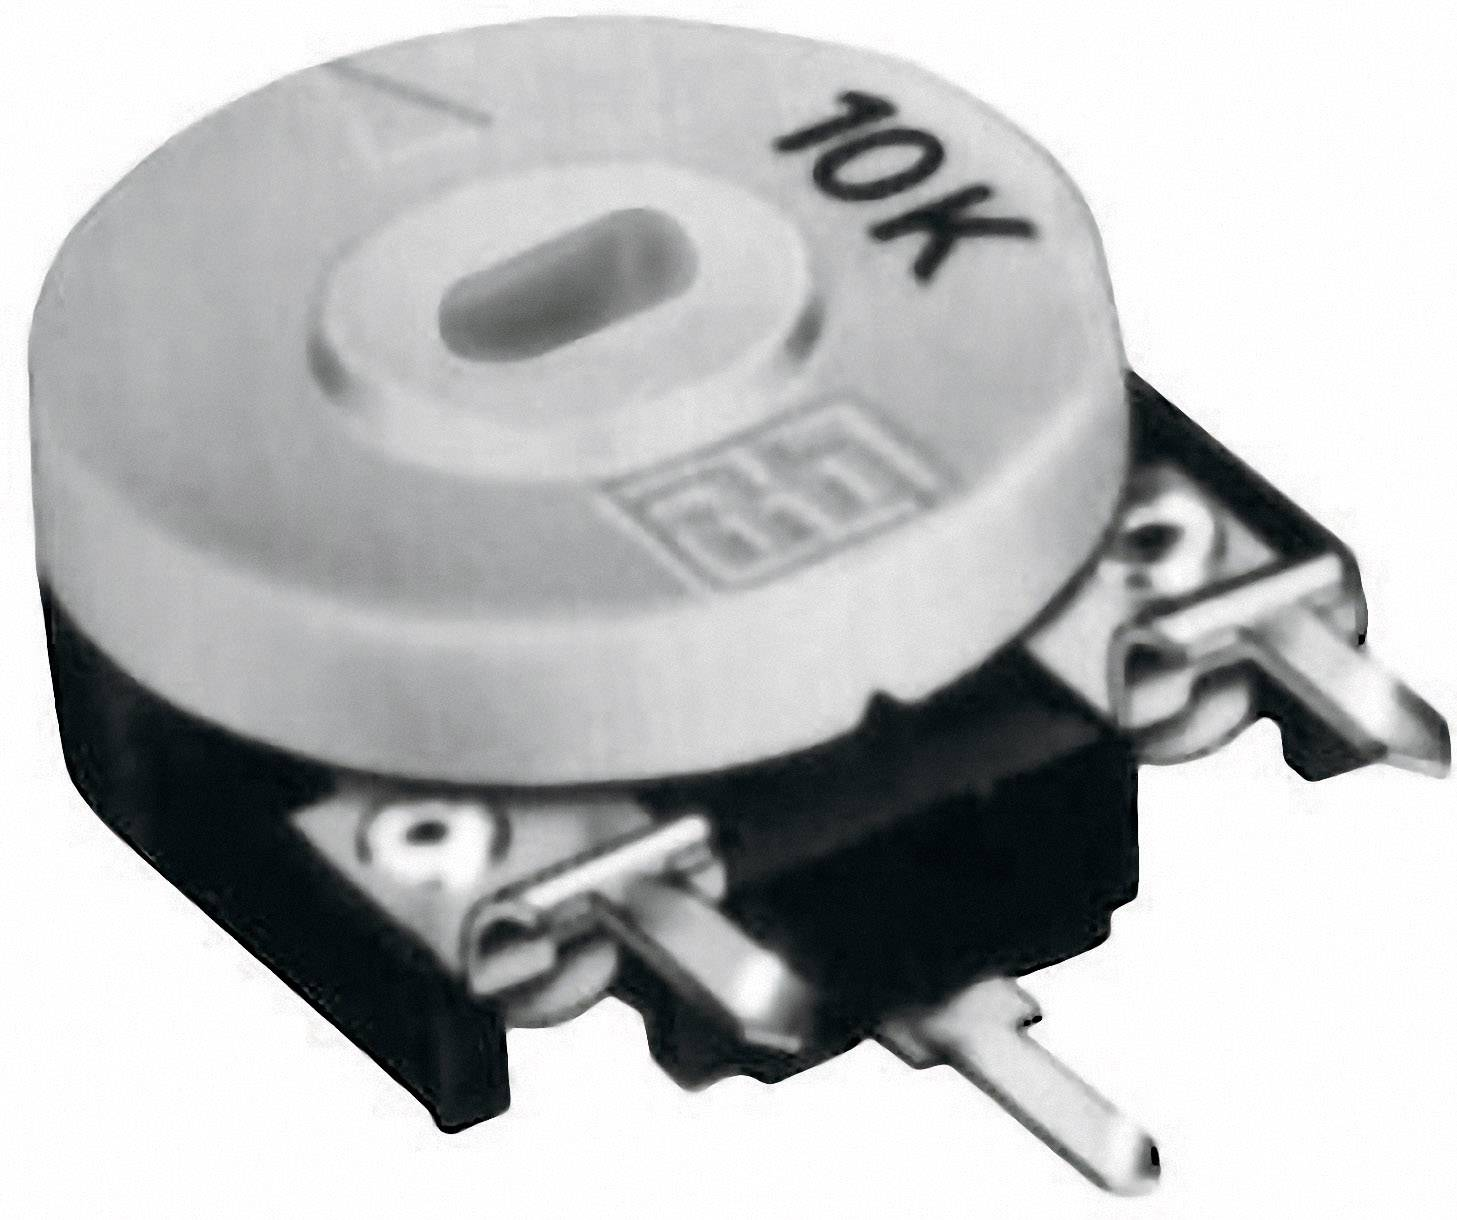 Uhlíkový trimr TT Electro, 21554405, 470 kΩ, 0,15 W, ± 20 %